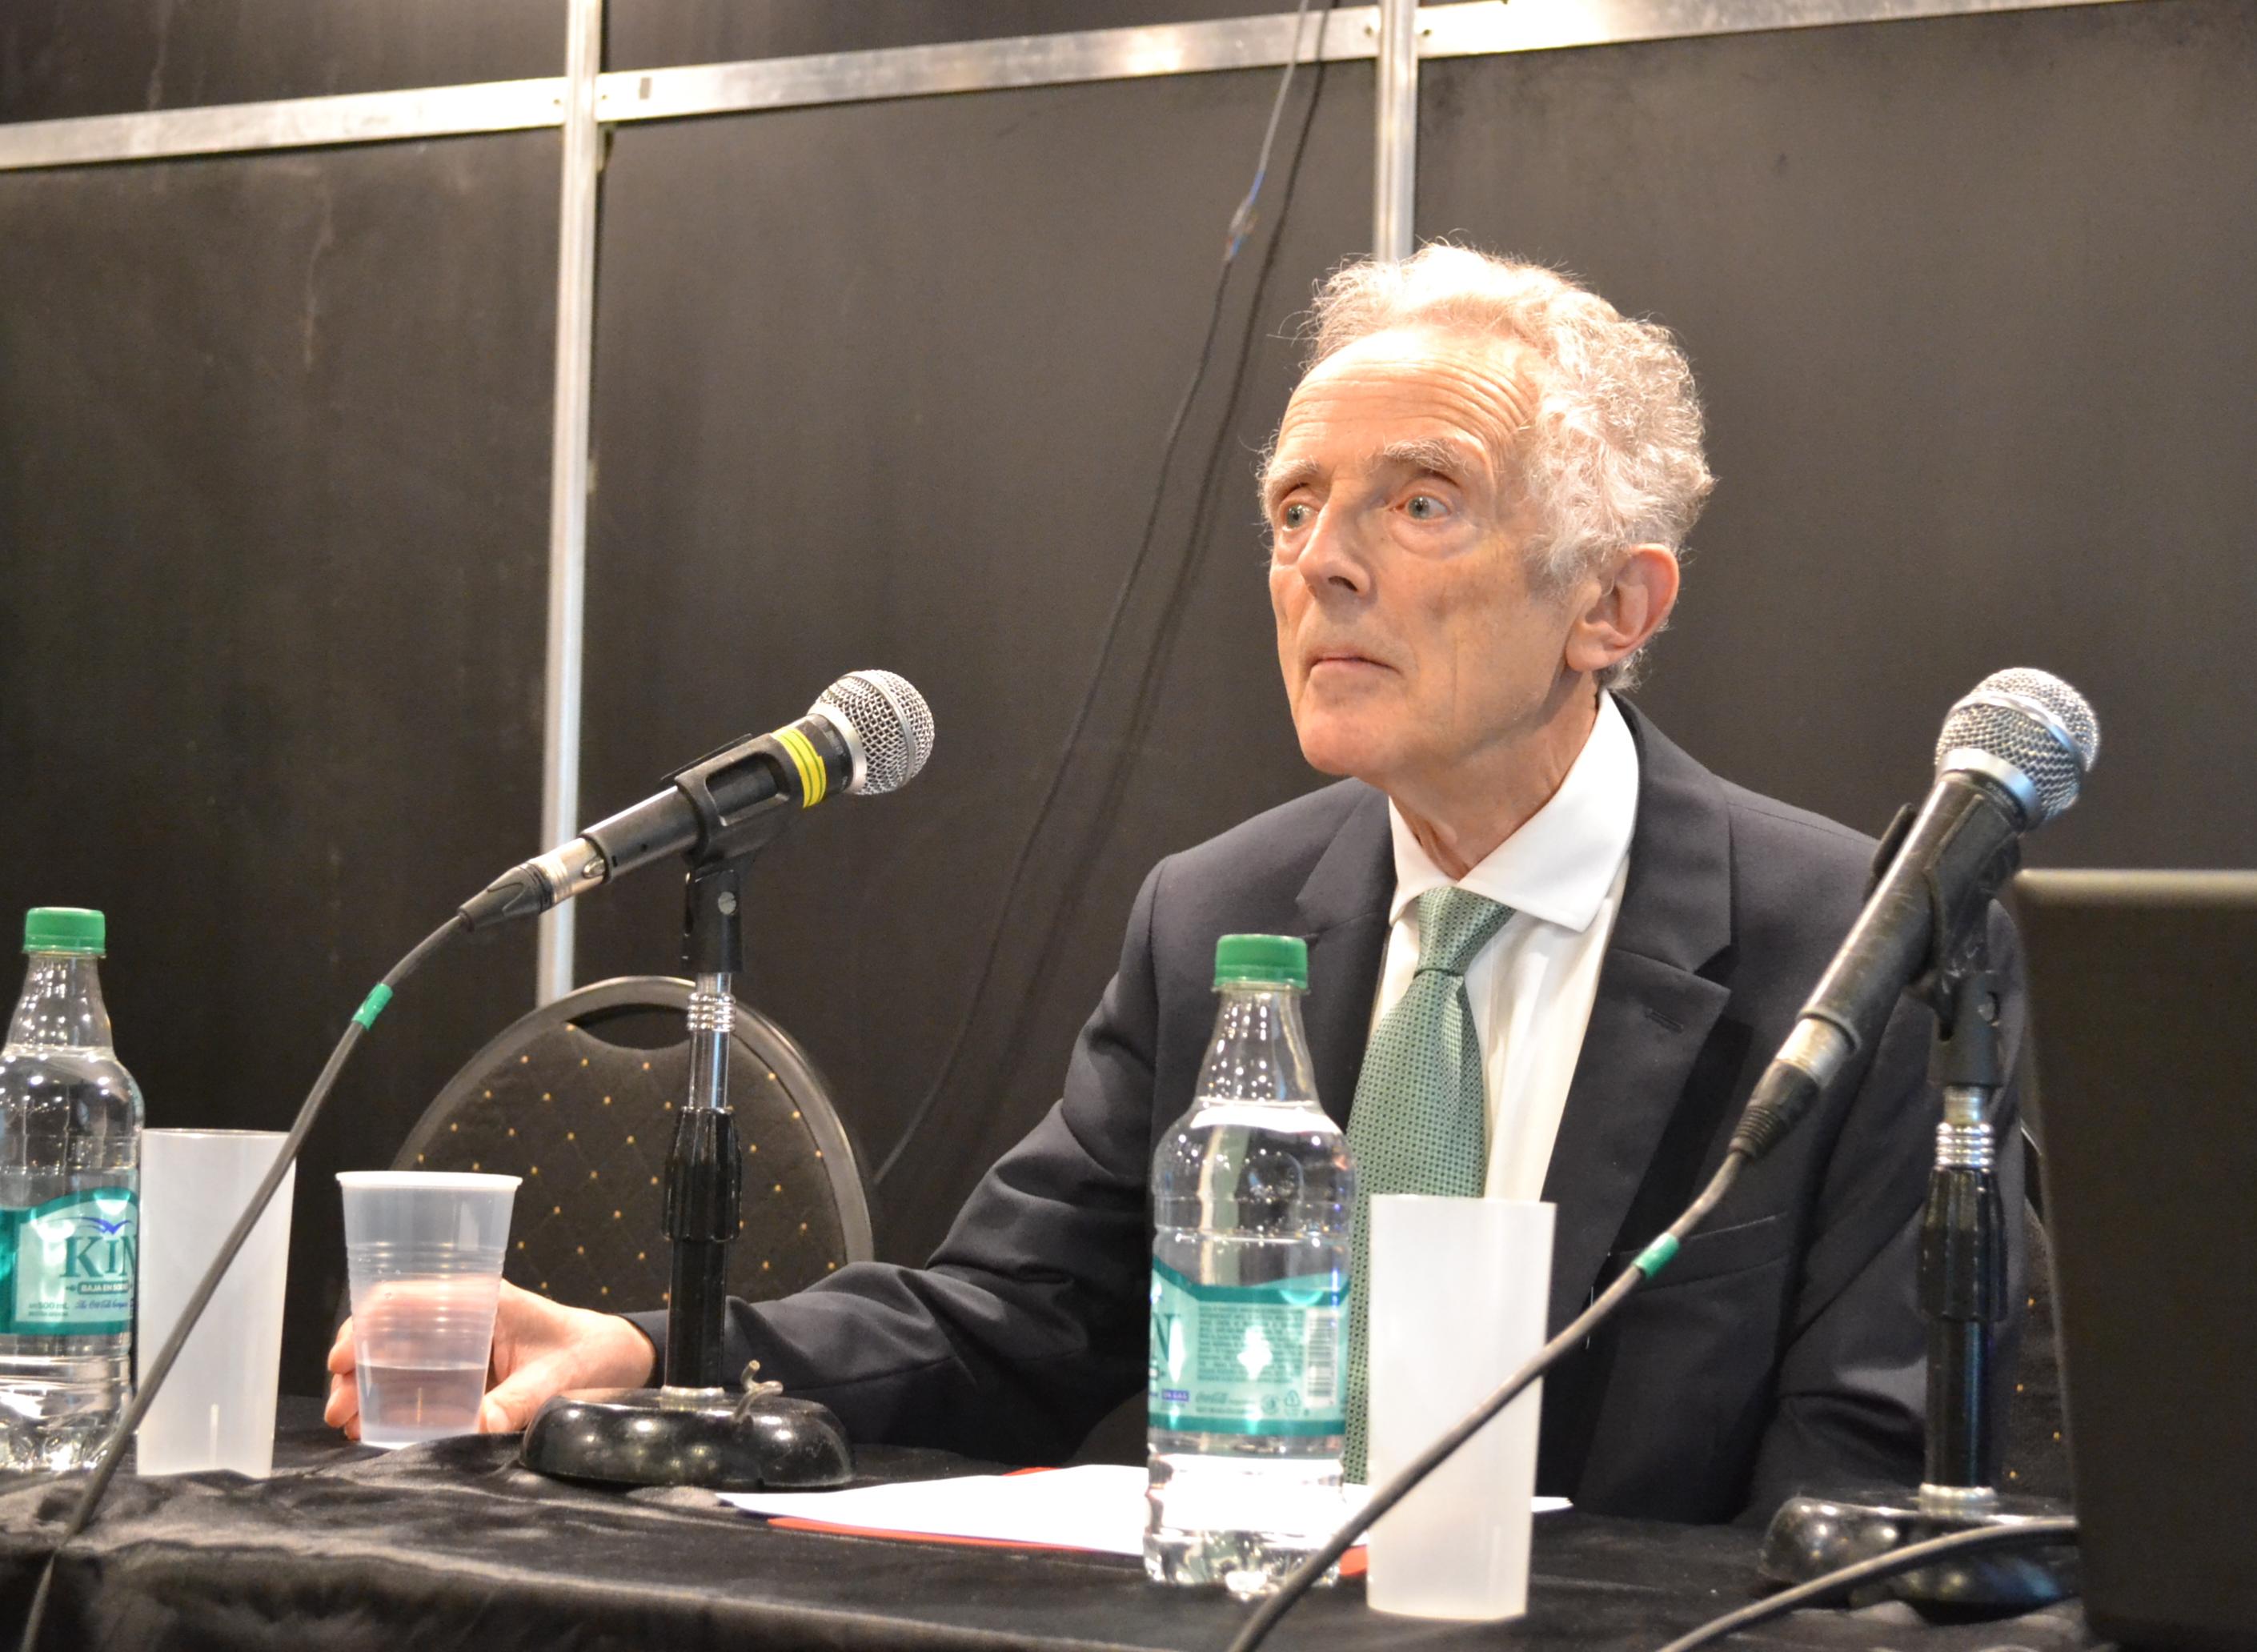 Peter Burke